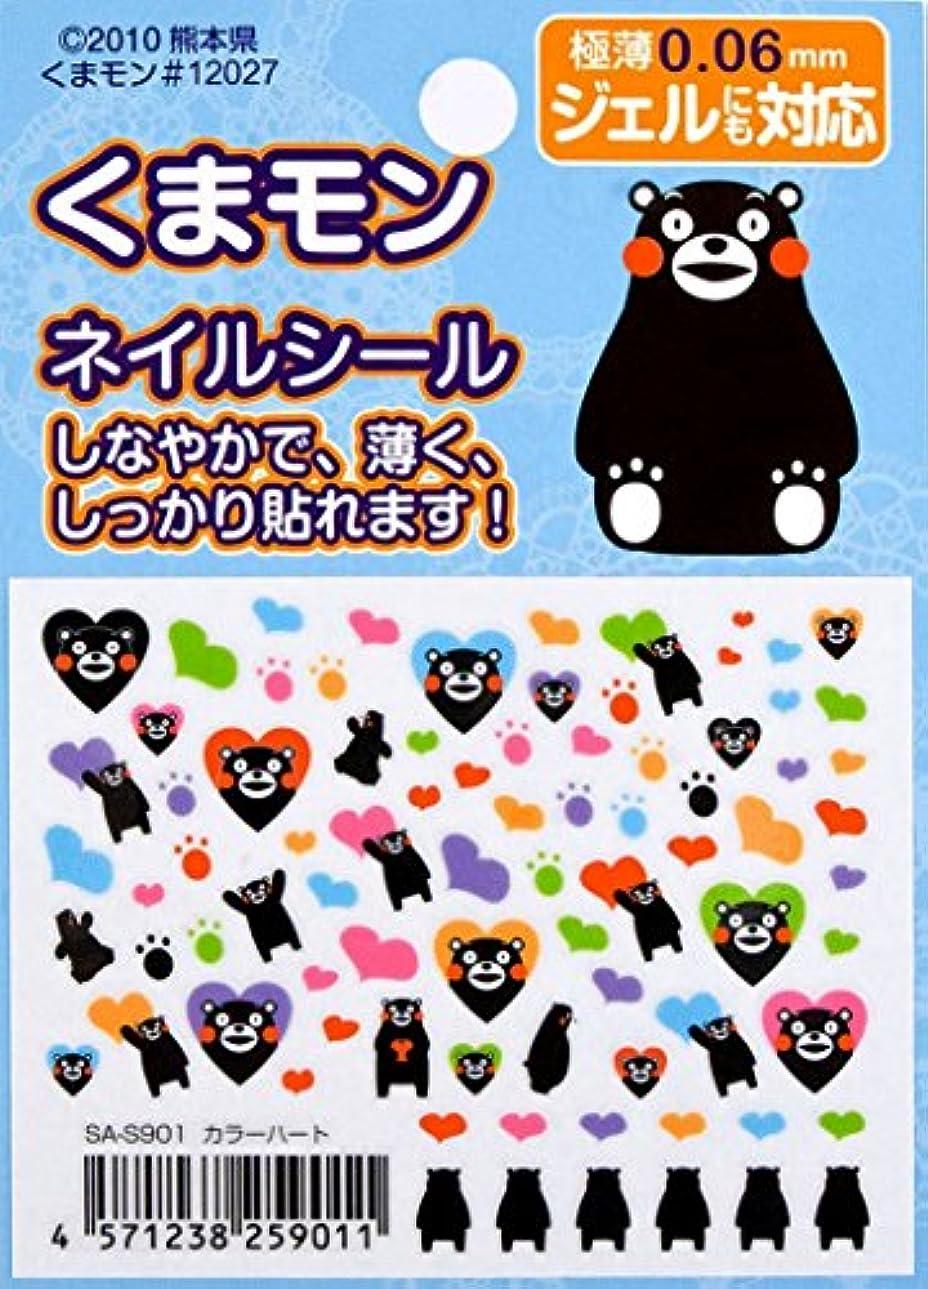 くまモン ネイルシール カラーハート ステッカー 熊本県 ゆるキャラ SA-S901